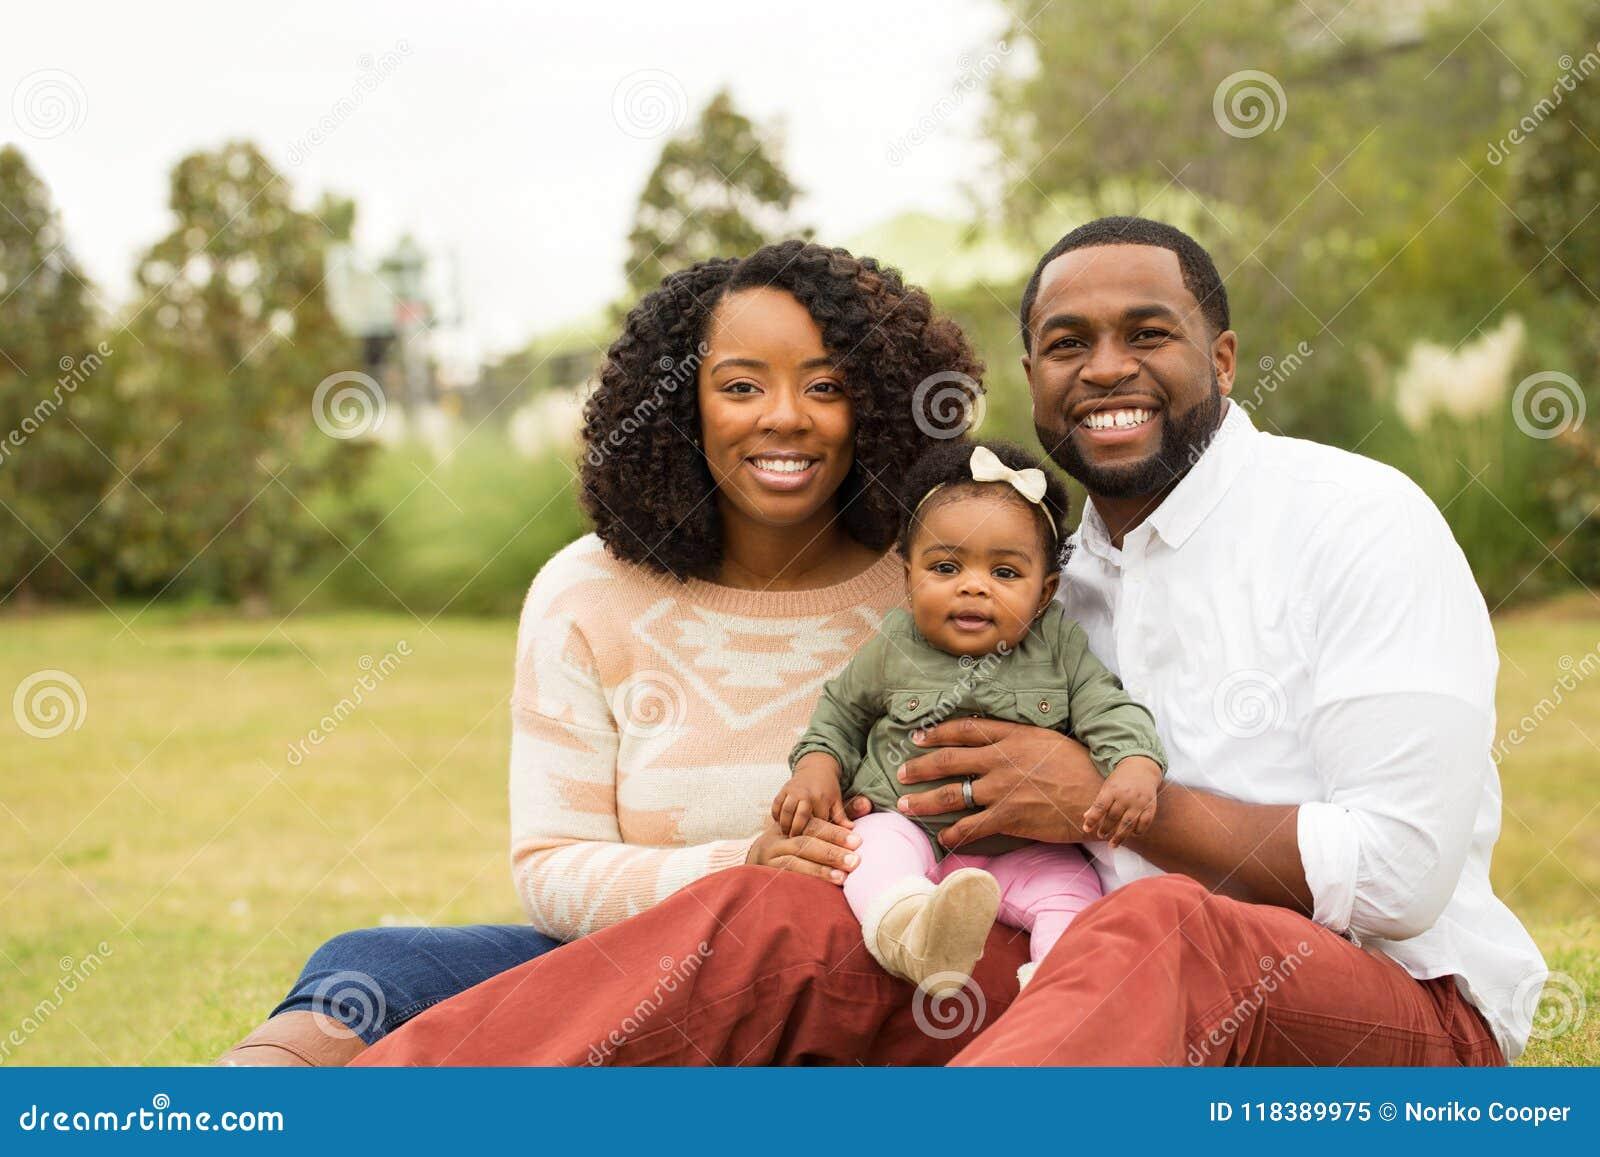 Ευτυχής οικογένεια αφροαμερικάνων με το μωρό τους Στοκ Εικόνα ... f5d13b719d0